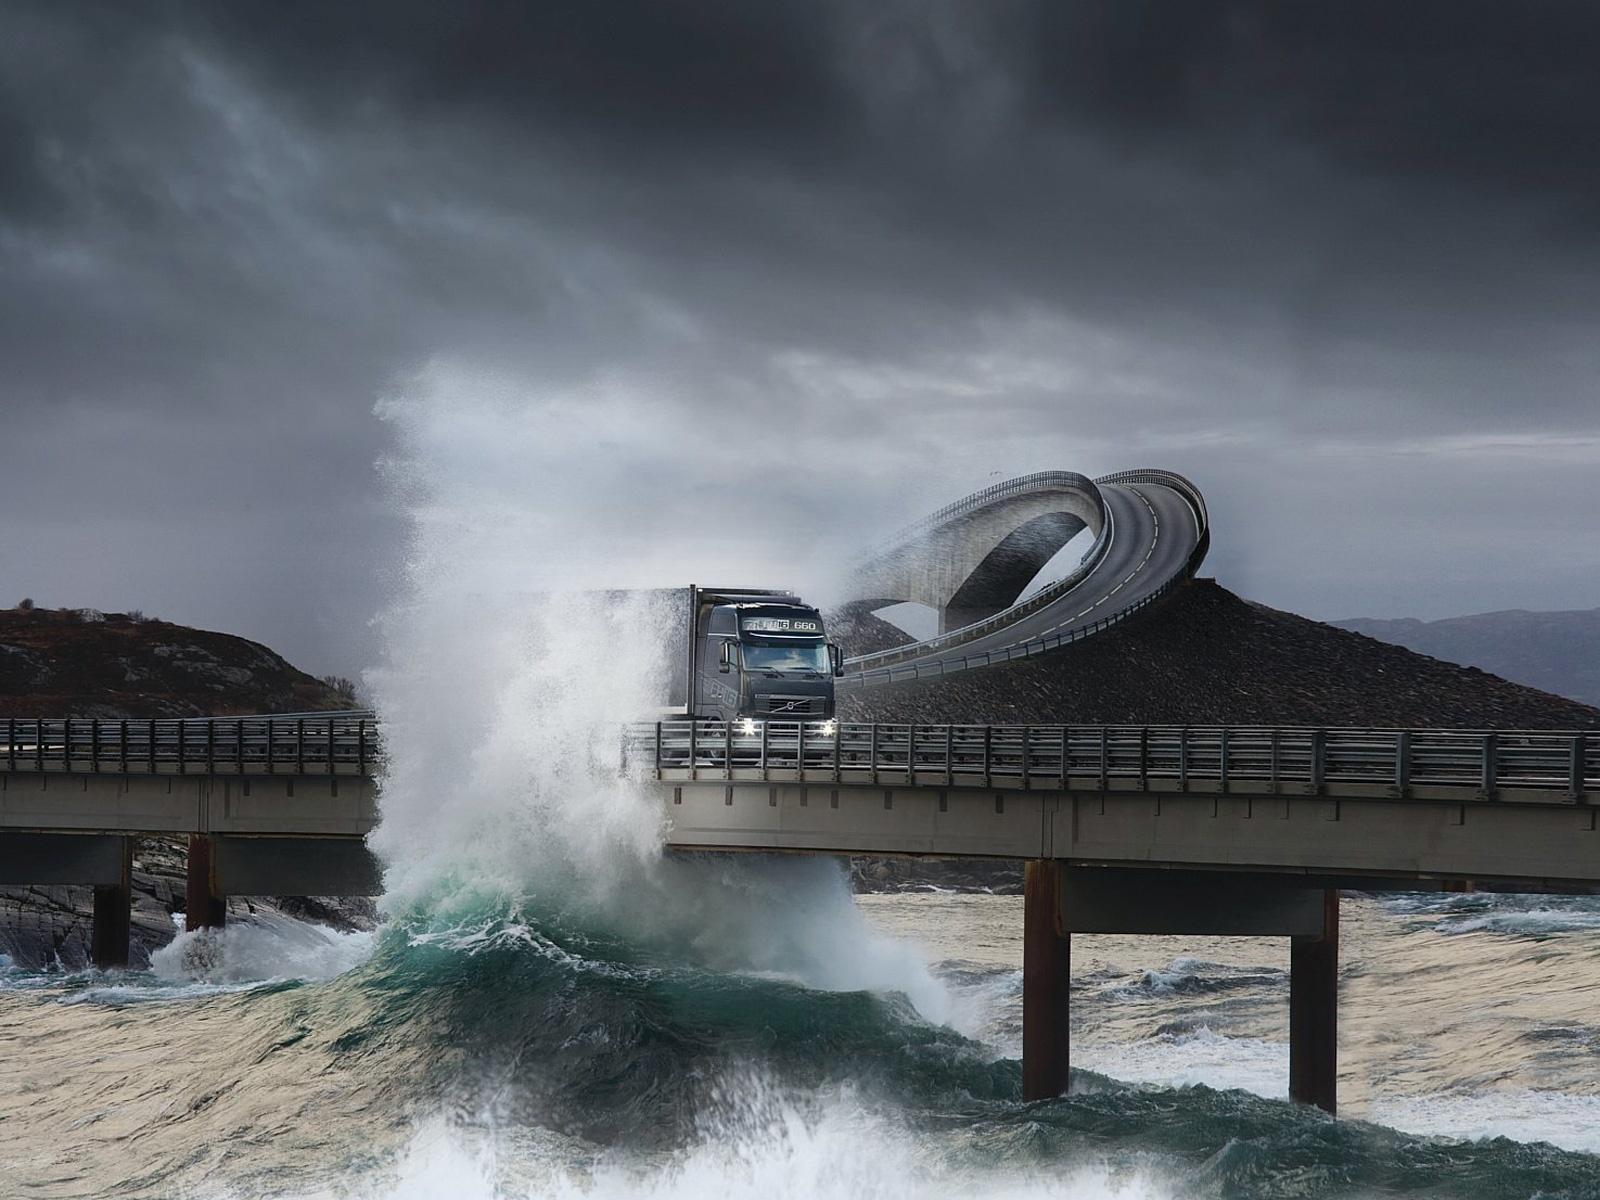 Wallpaper Road Bridge Truck Splashes Sea Storm